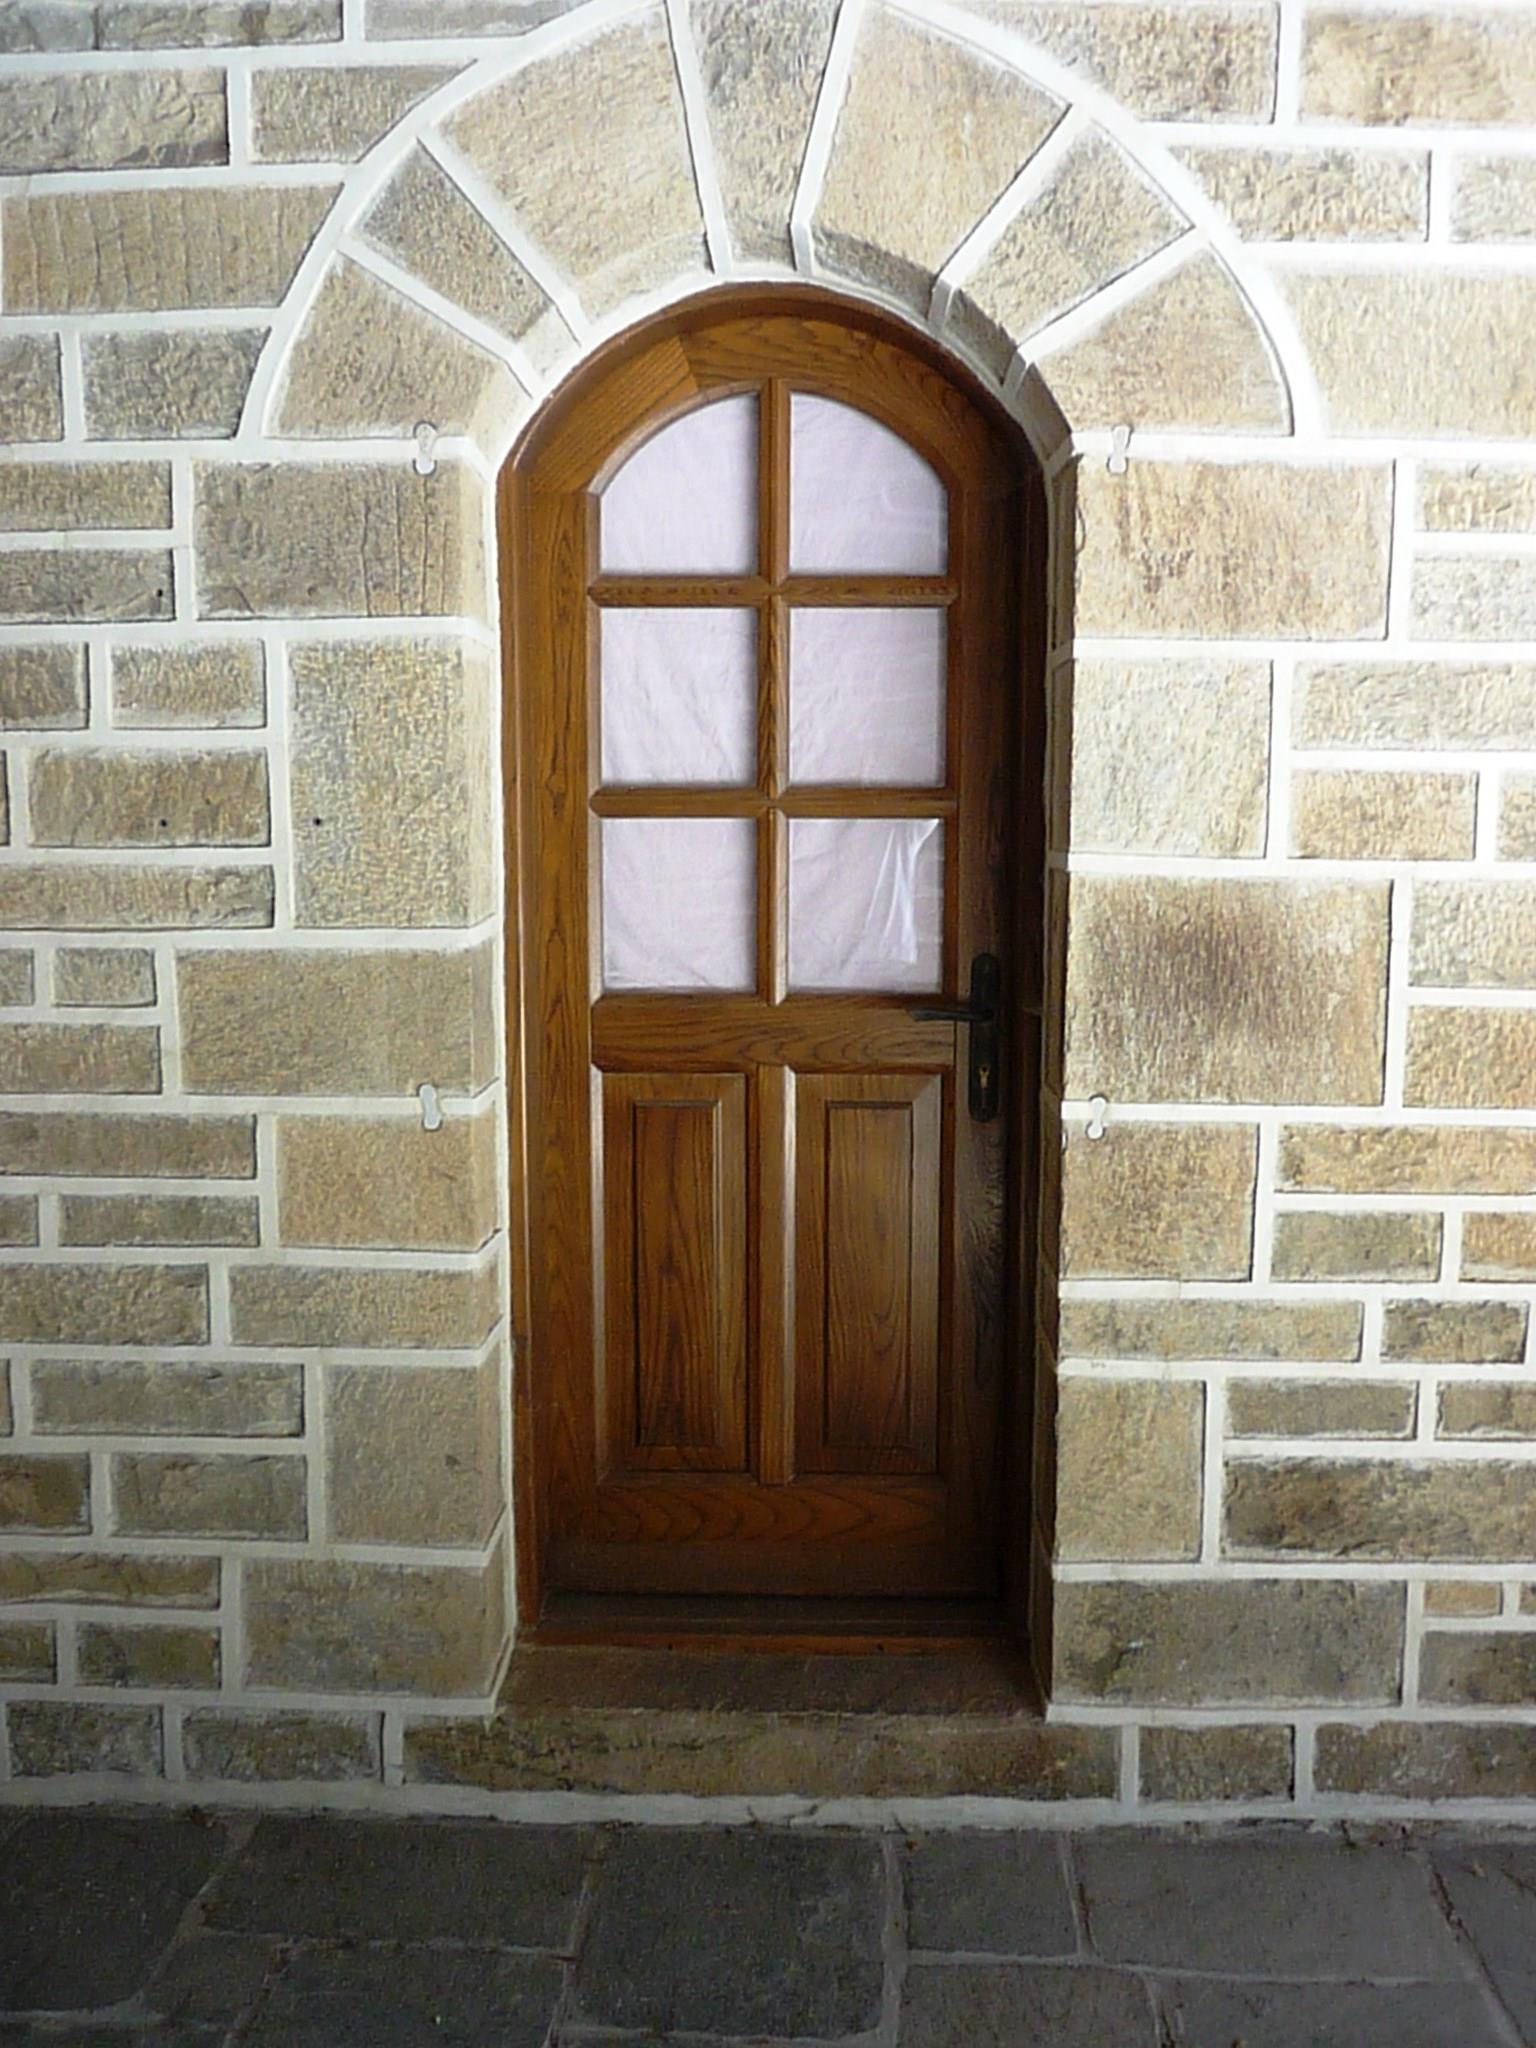 Ξύλινη τοξωτή πόρτα με τζάμια και καϊτια